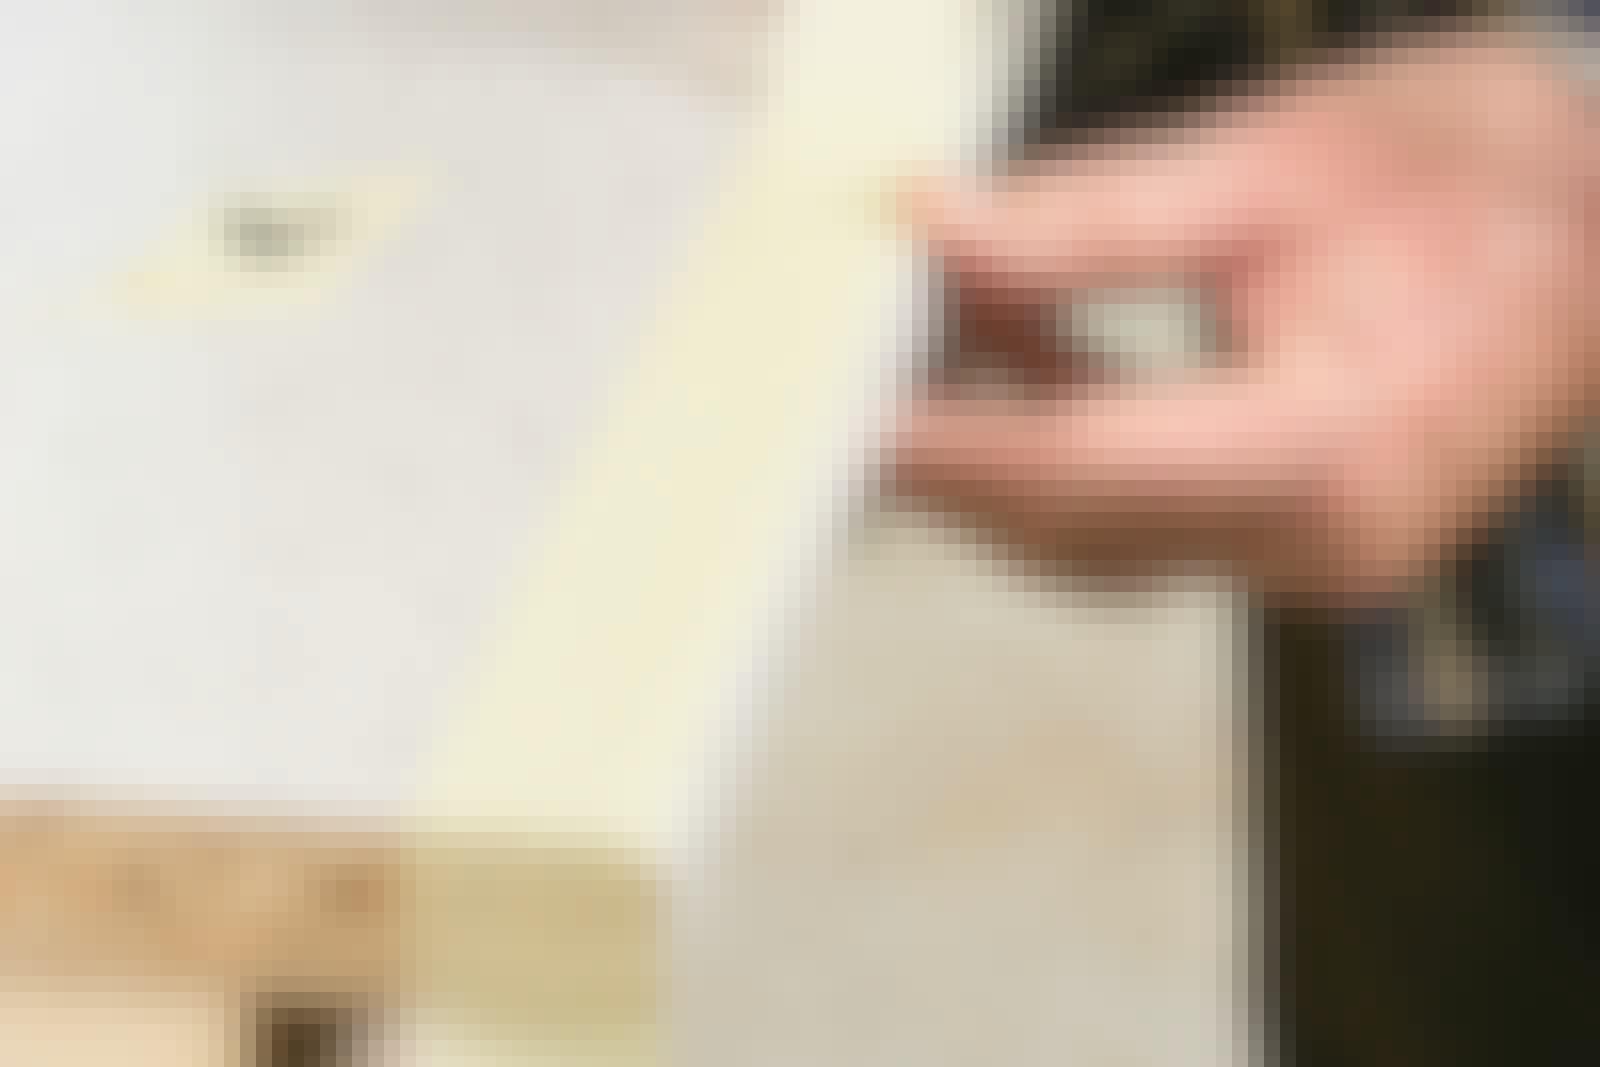 Laminoitua levyä voi olla vaikea sahata siististi. Siihen on kuitenkin helppo ja tehokas keino: liimaa pöytälevyn pintaan maalarinteippi ja sahaa levy alapuolelta pistosahalla. Siten levyn reunasta tulee siisti eikä siihen tule rosoja.